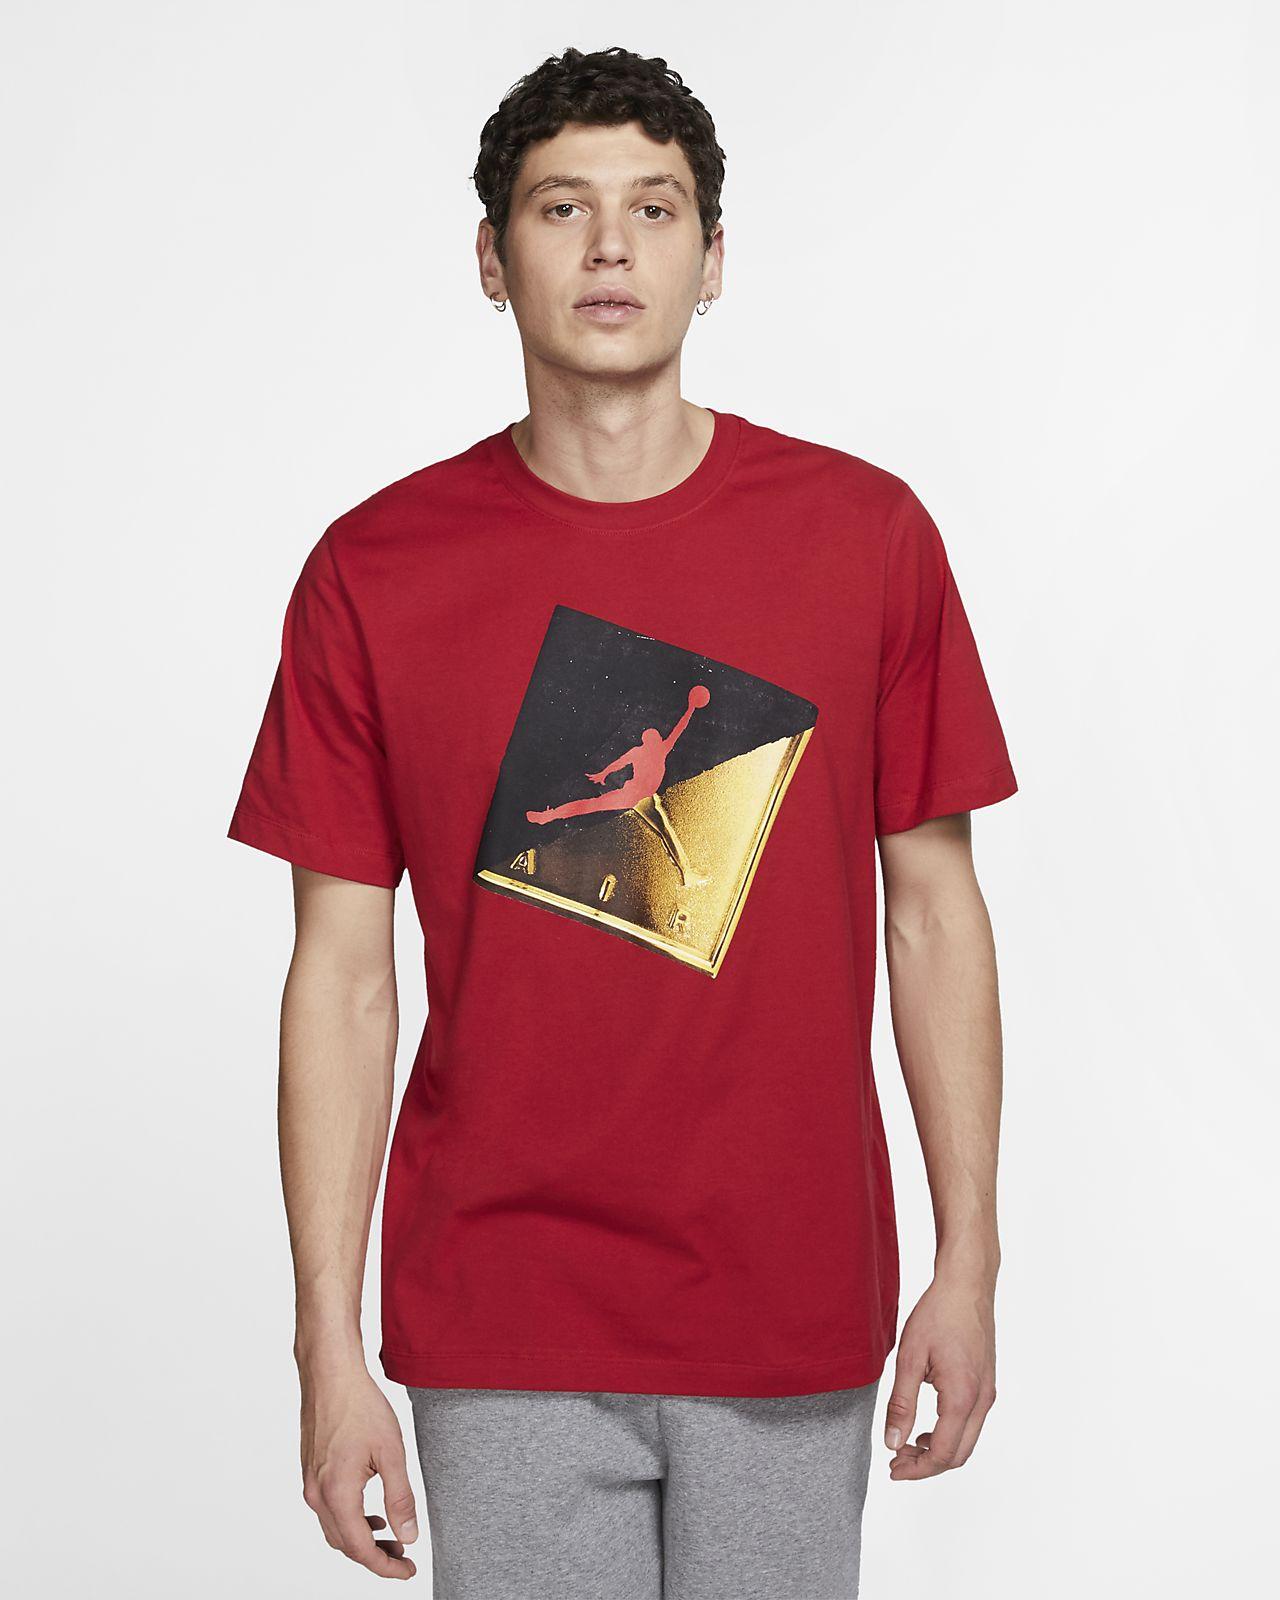 ジョーダン スラッシュ ジャンプマン メンズ Tシャツ